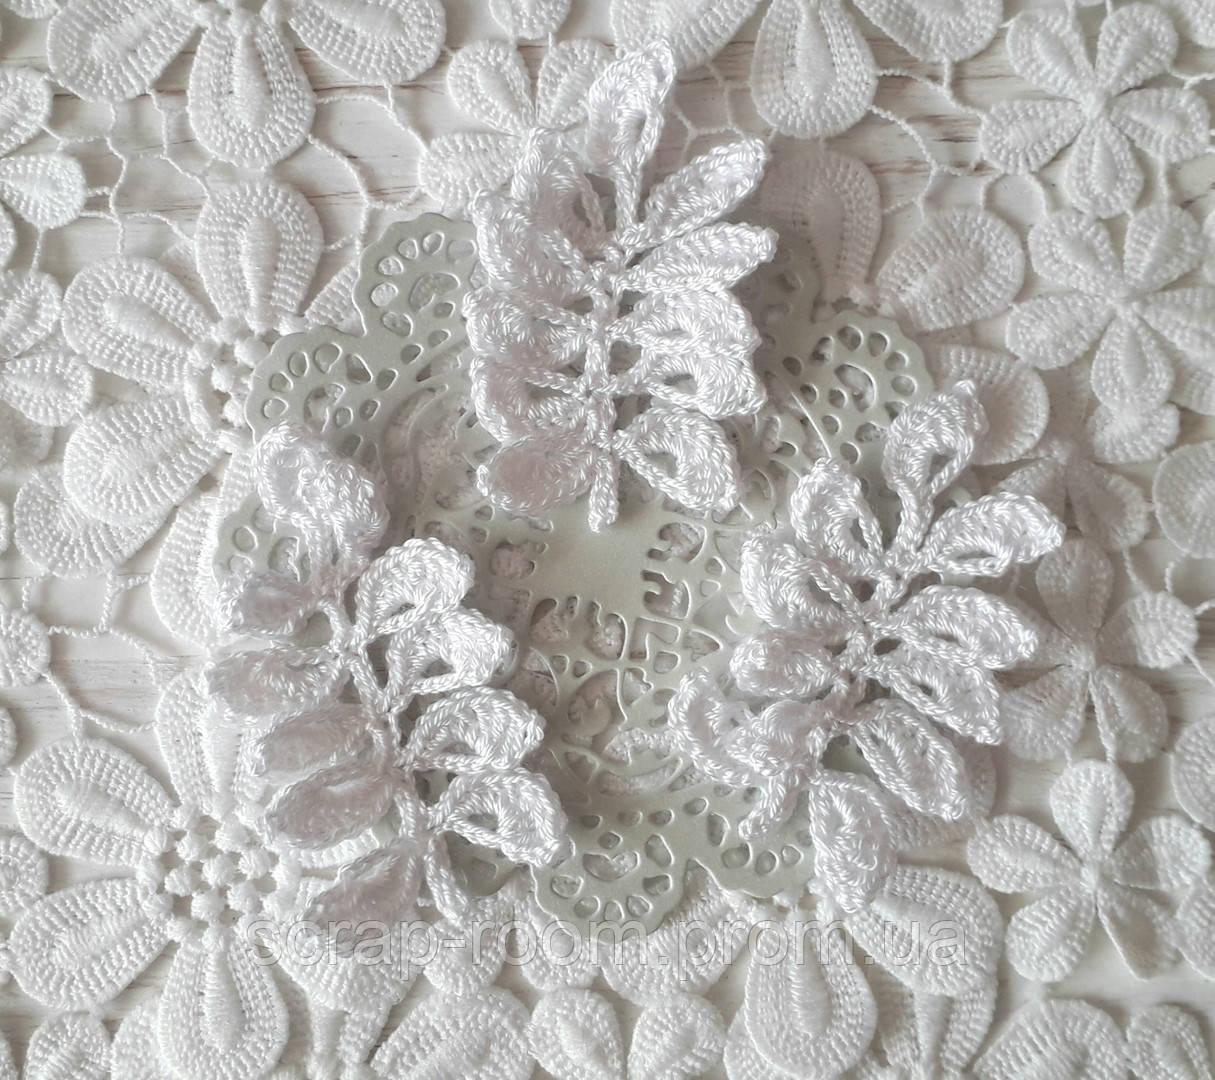 Вязаная веточка белая, вязаная веточка, высота 8 см, декор вязаный веточка белая ручная работа